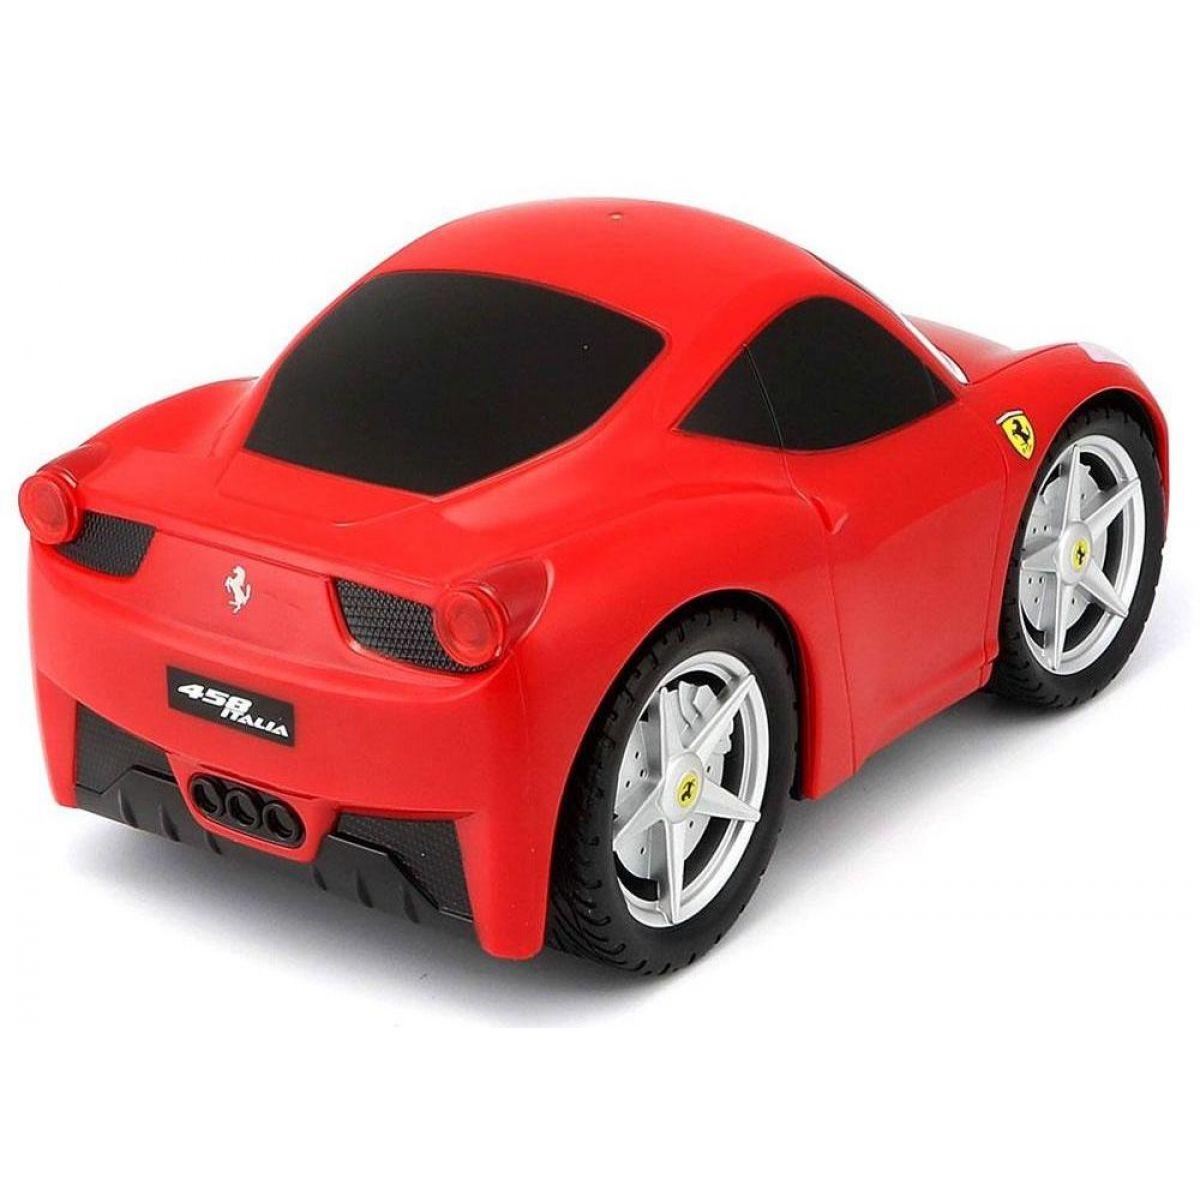 Motorama RC Auto Ferrari F1 Infra #3